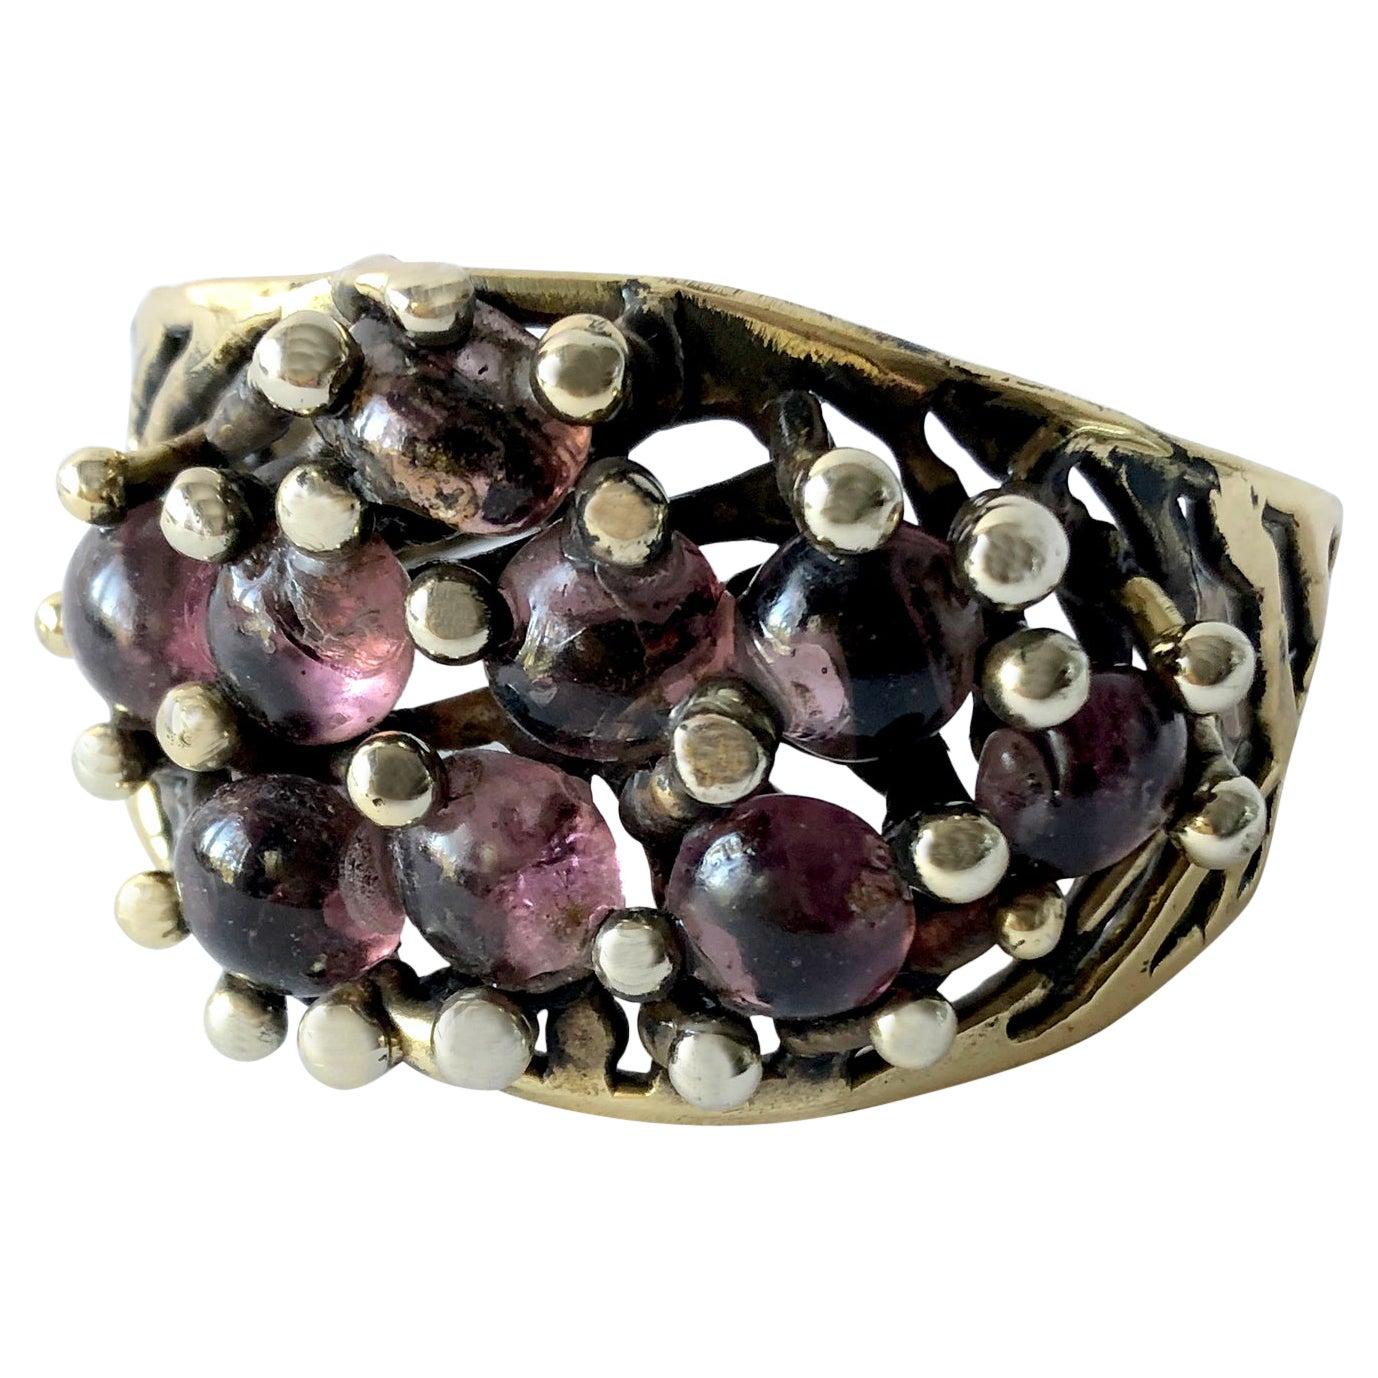 Michael Schwade Handmade Bronze and Glass Cuff Bracelet